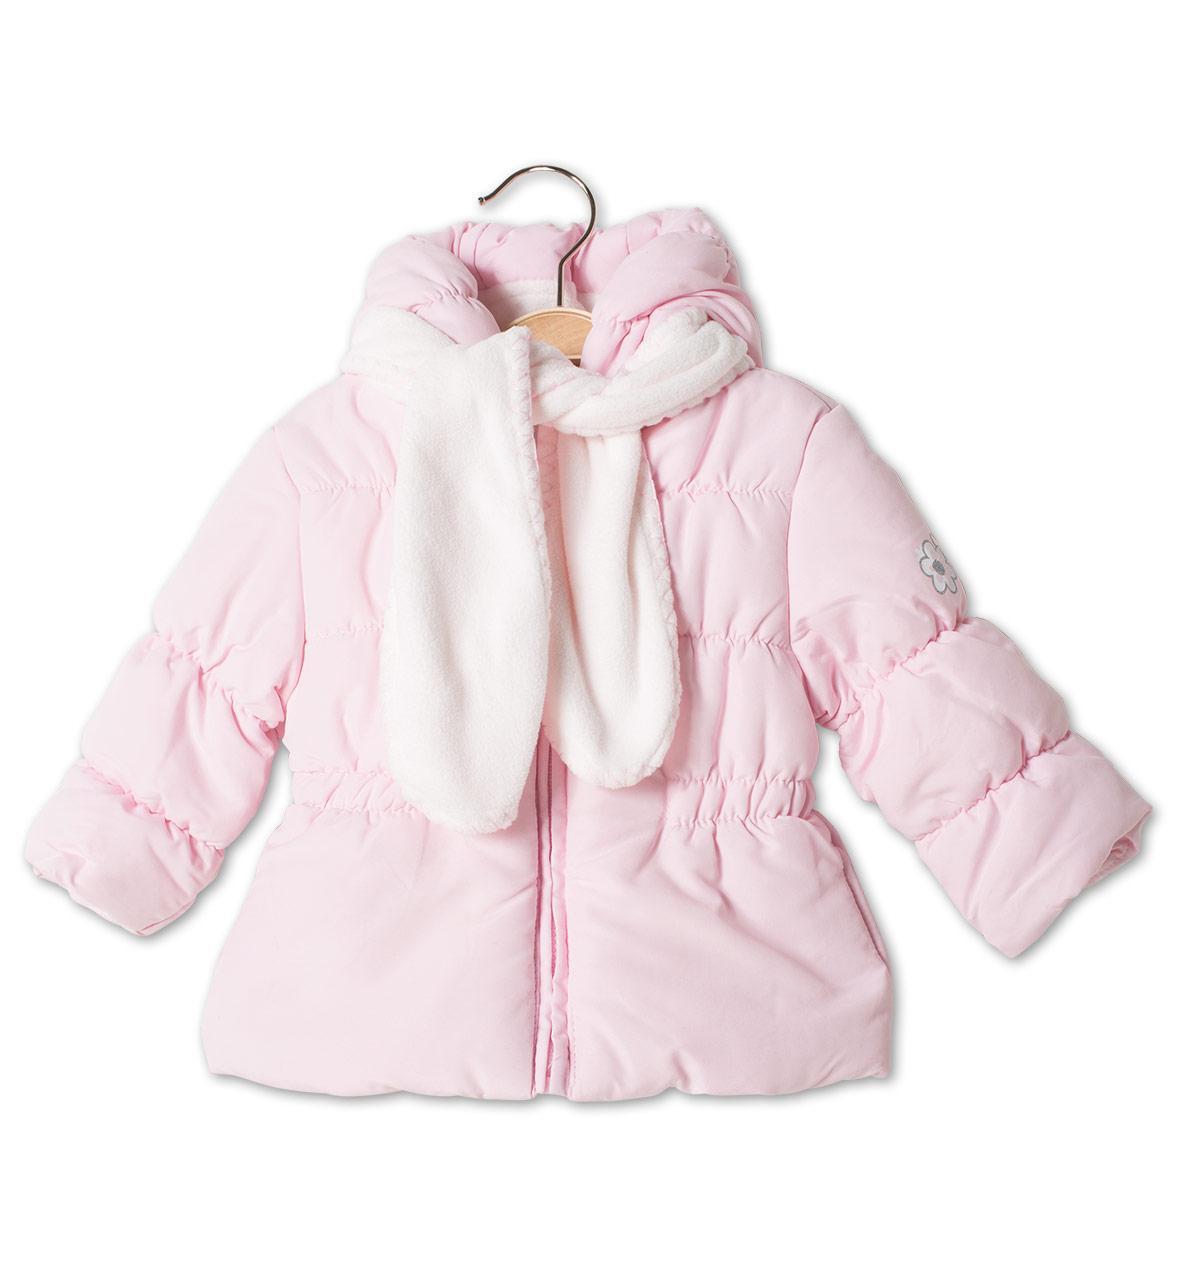 Демисезонная куртка на девочку 2 года C&A Германия Размер 92